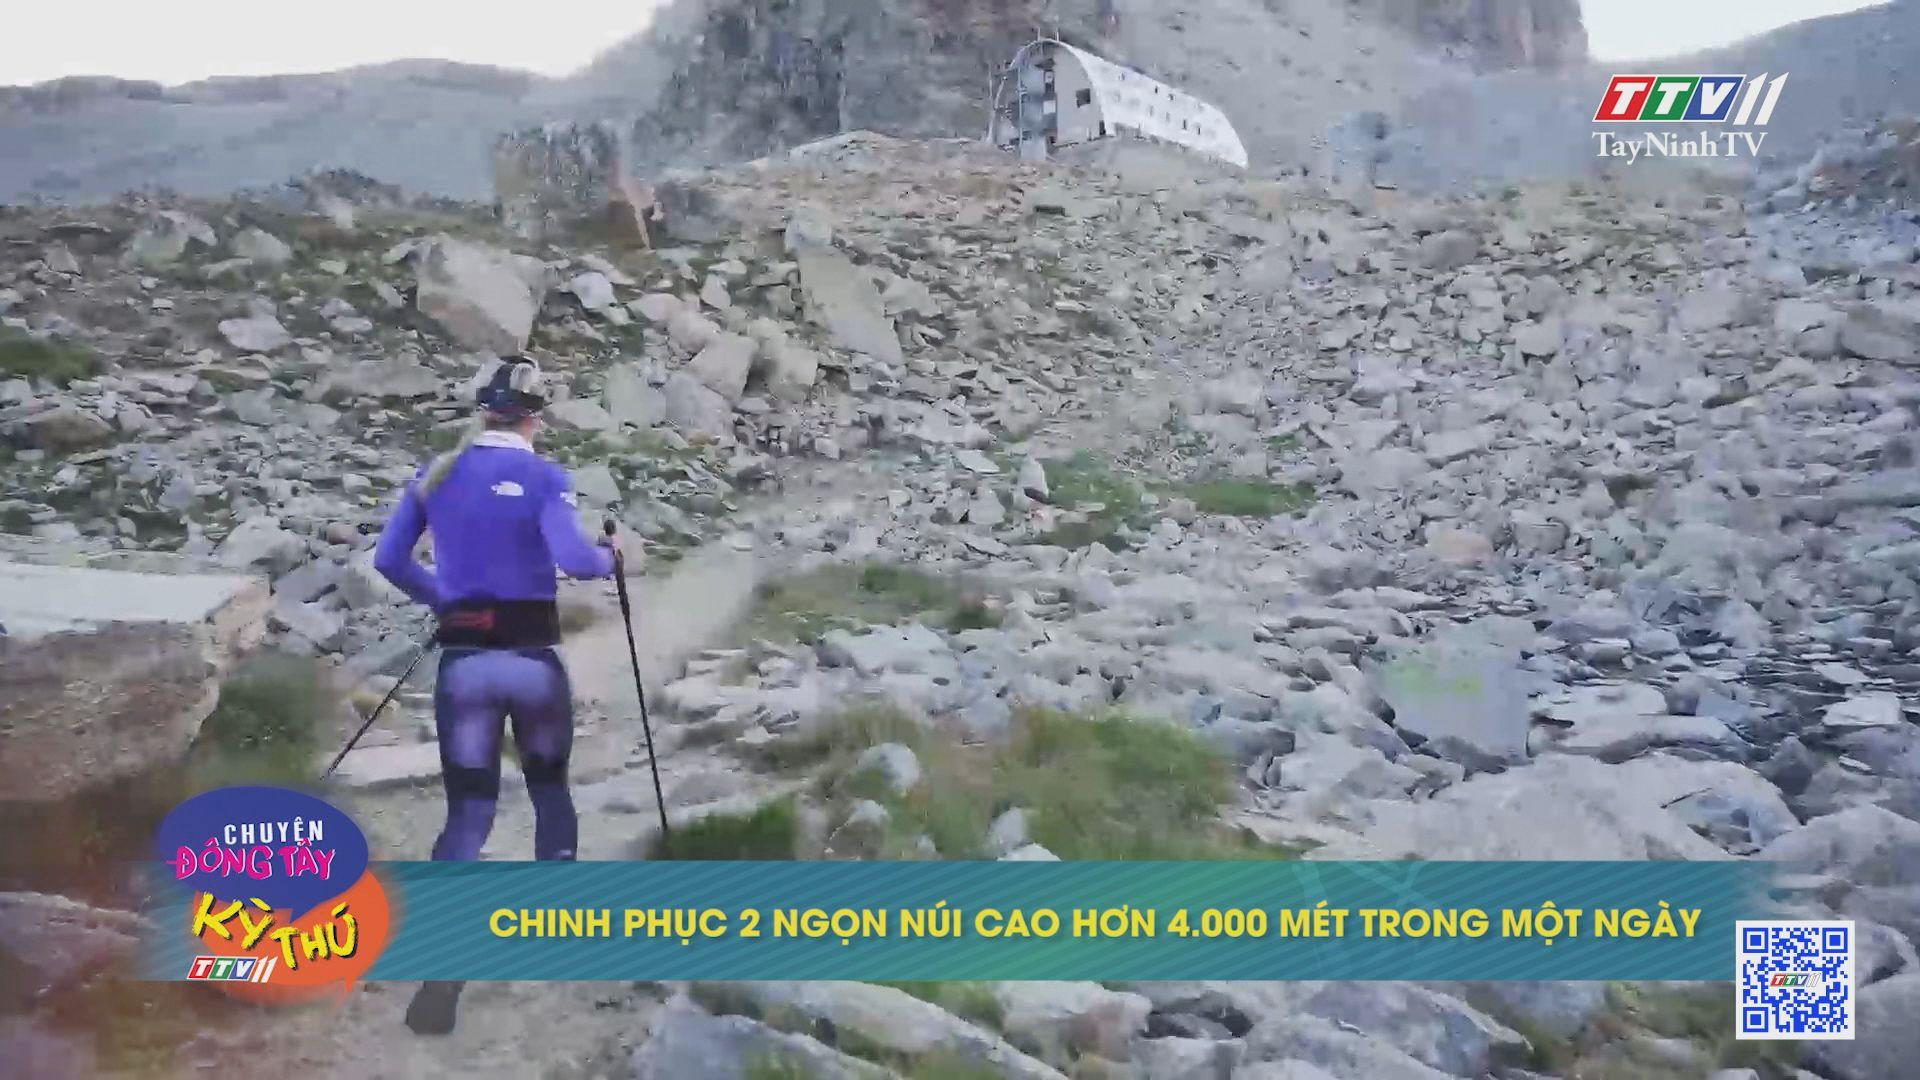 Chinh phục 2 ngọn núi cao hơn 4.000 mét trong một ngày | CHUYỆN ĐÔNG TÂY KỲ THÚ | TayNinhTVE